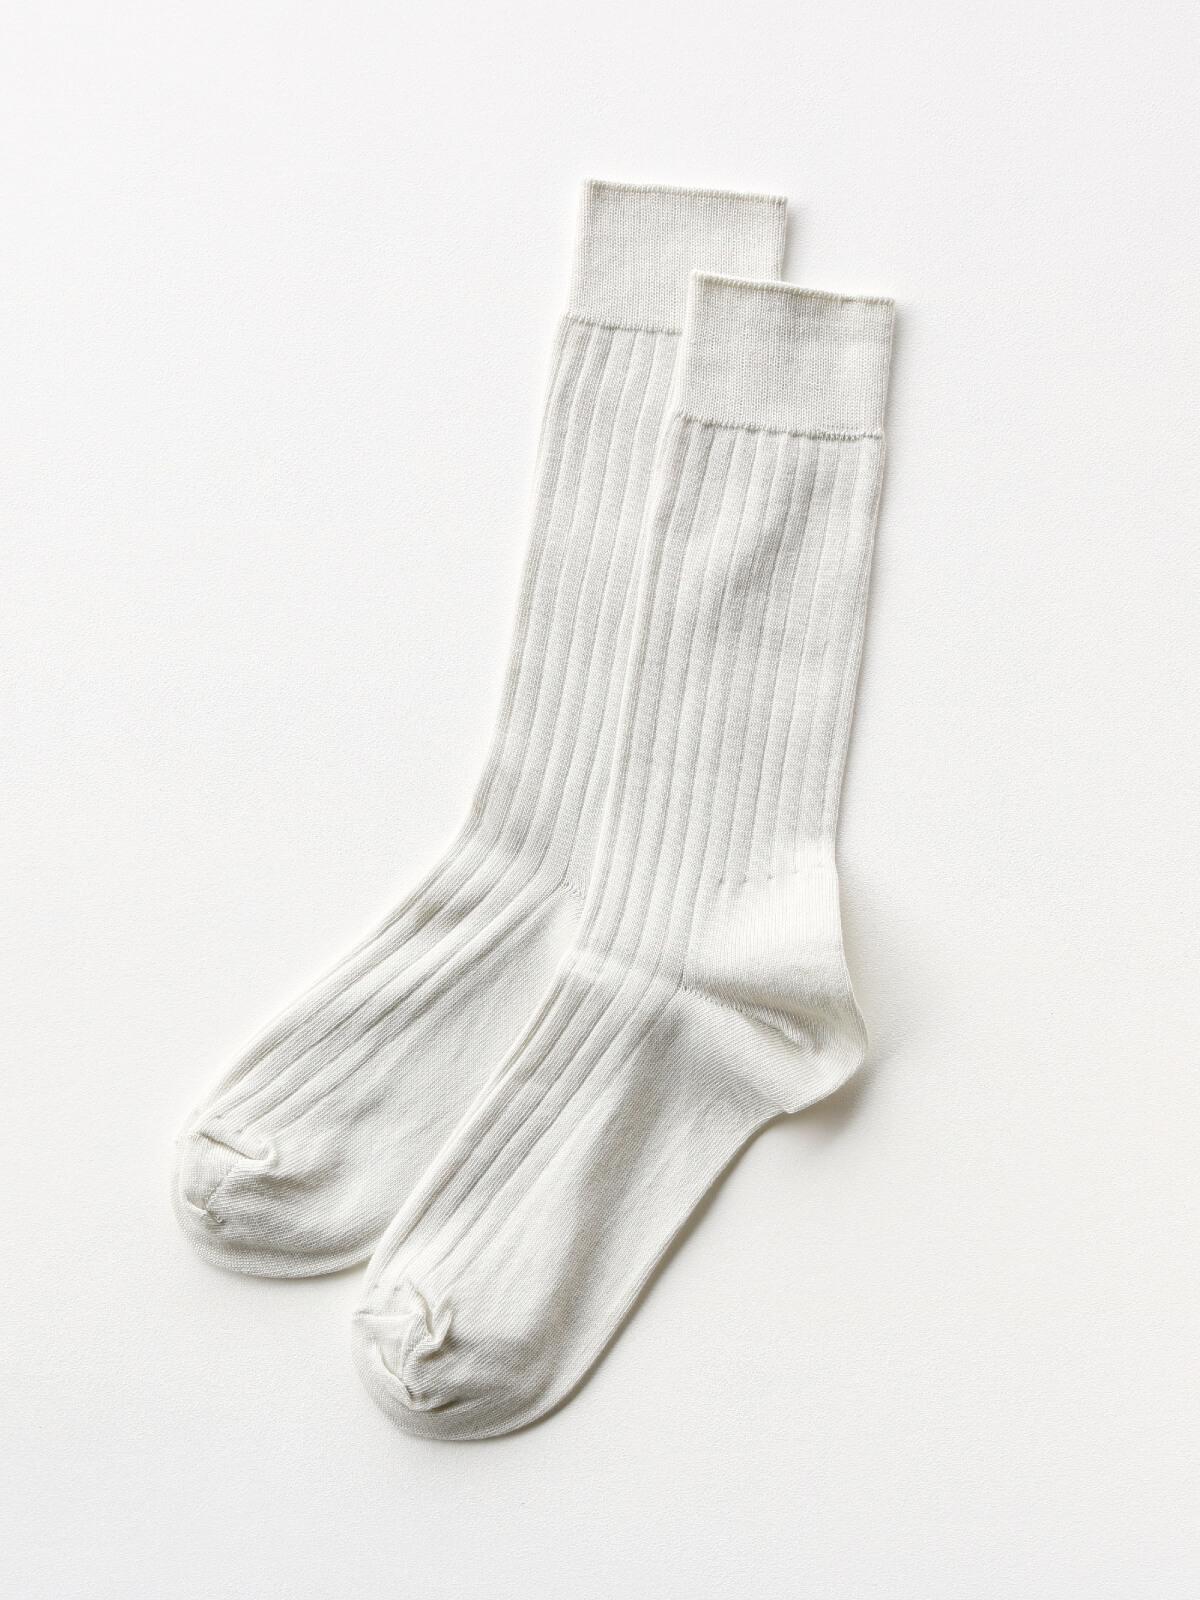 当たりつきギフト専用靴下のLUCKY SOCKS(ラッキーソックス)のLight Rib Socks(ライトリブソックス)のアイボリー_2